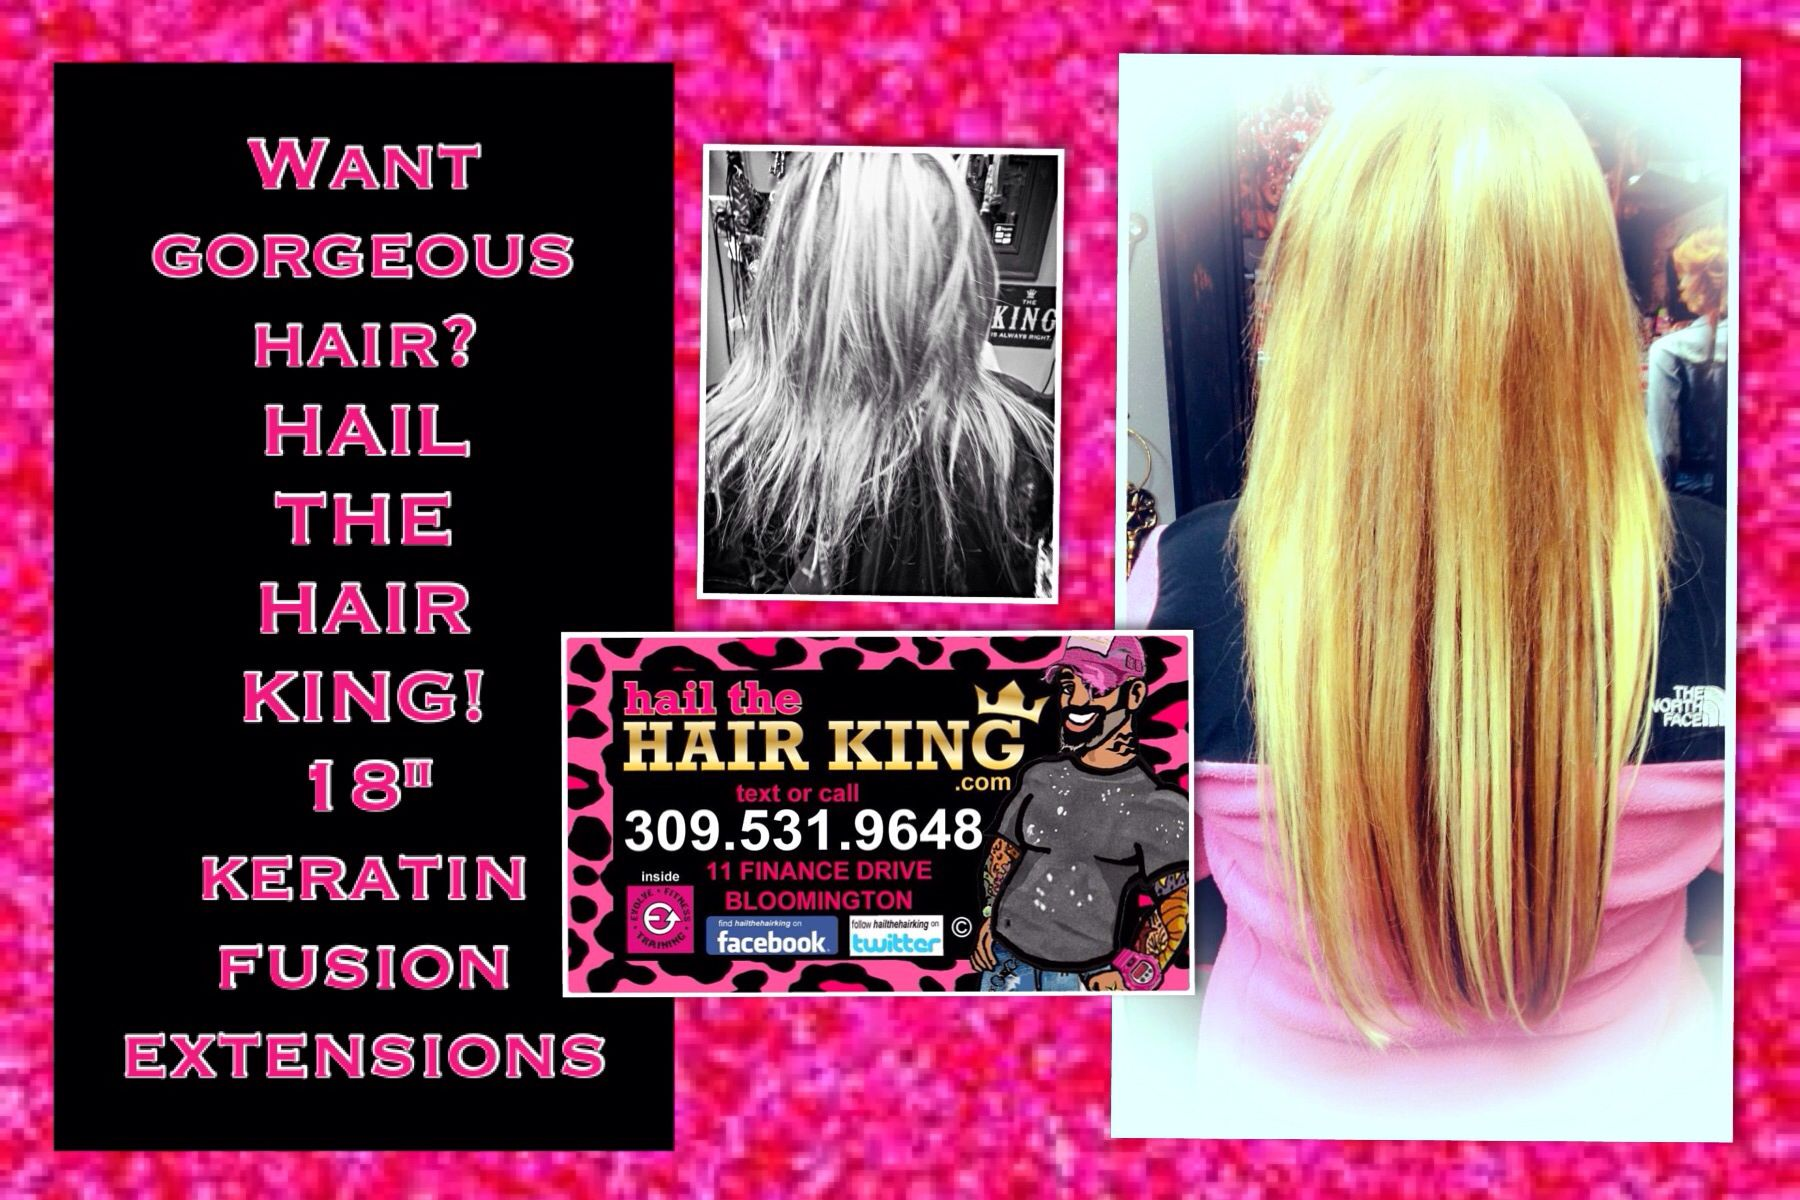 Want Gorgeous Hair Hail The Hair King 18 Keratin Fusion